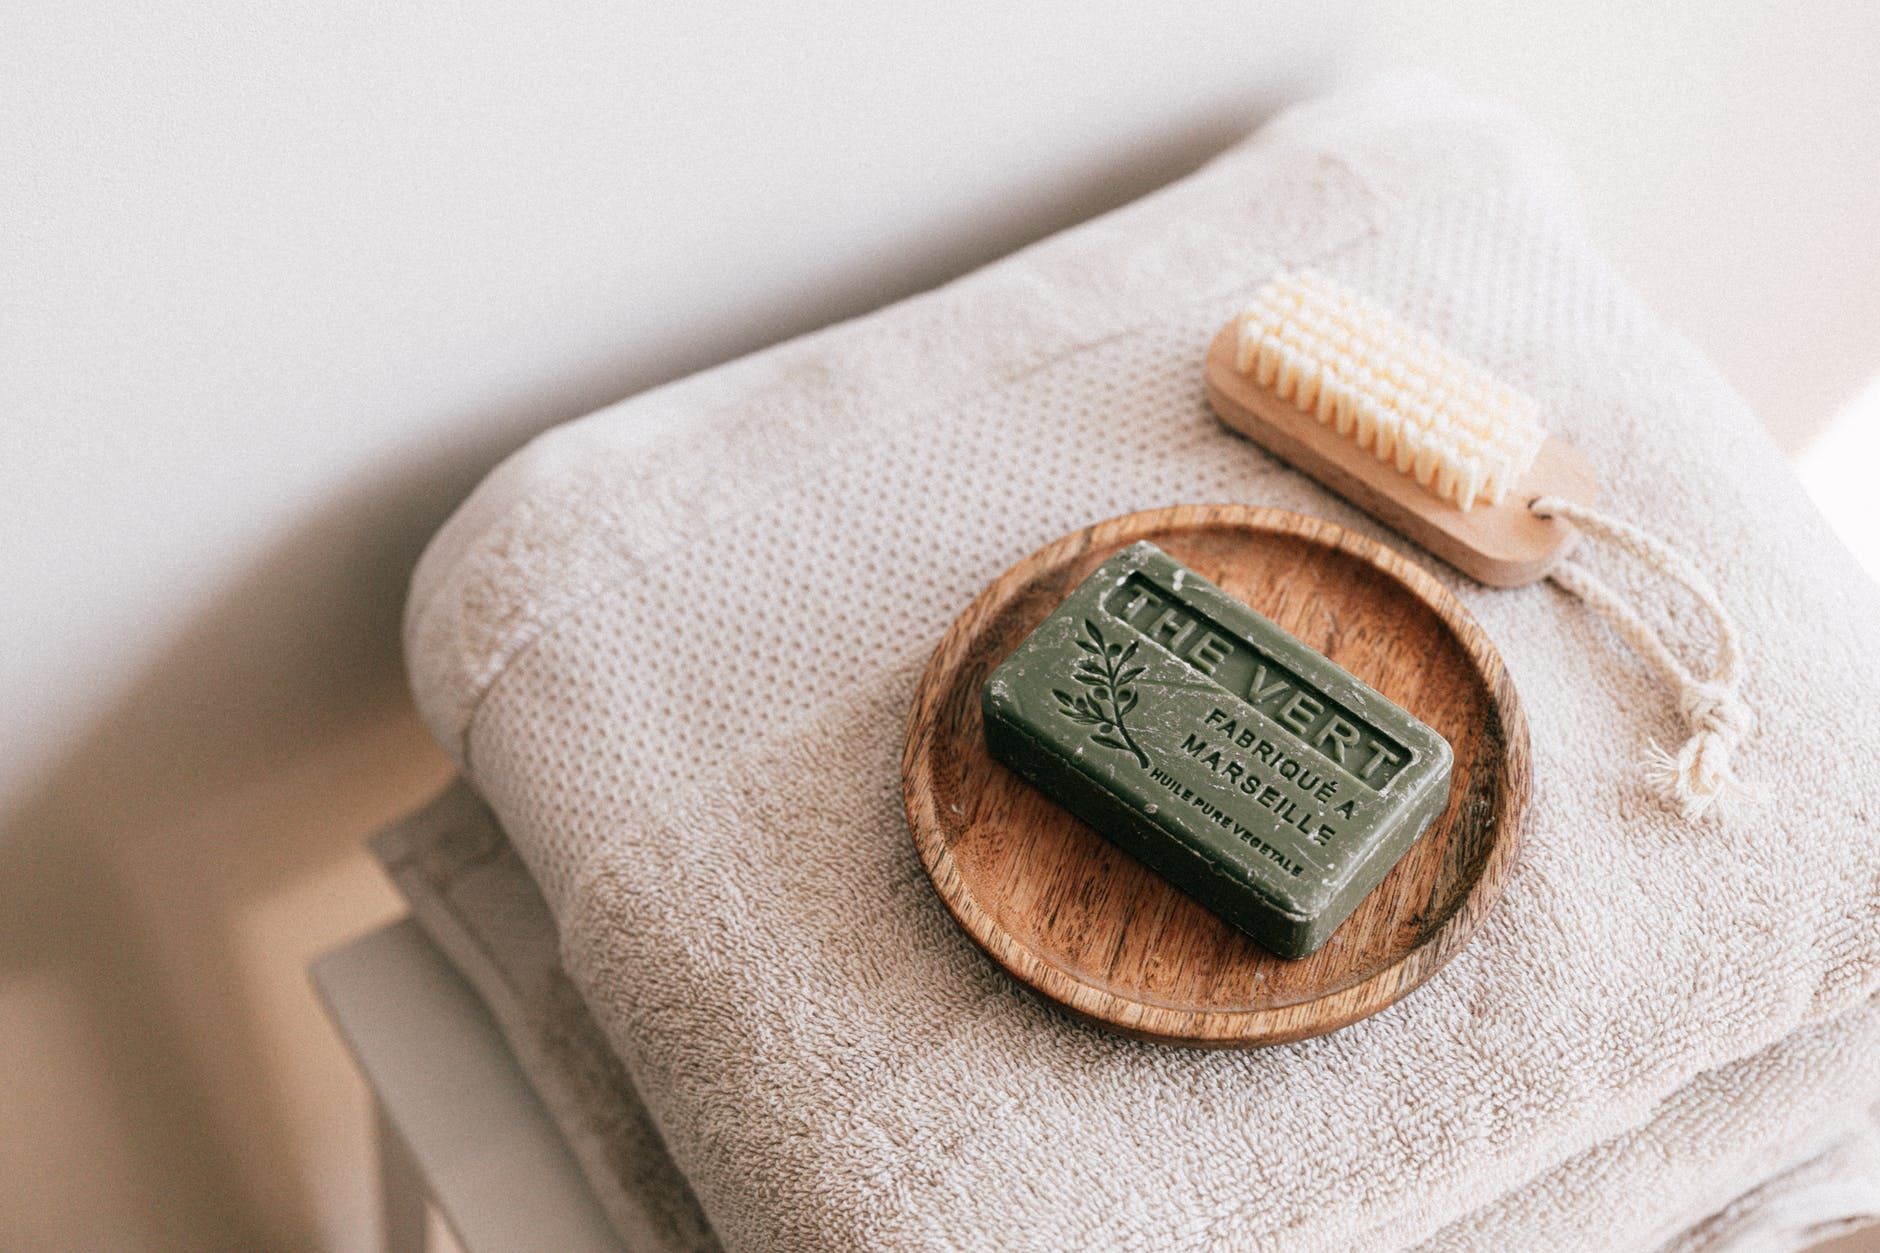 Để dưỡng da cần tránh dùng chất tẩy rửa quá mạnh khiến da kích ứng